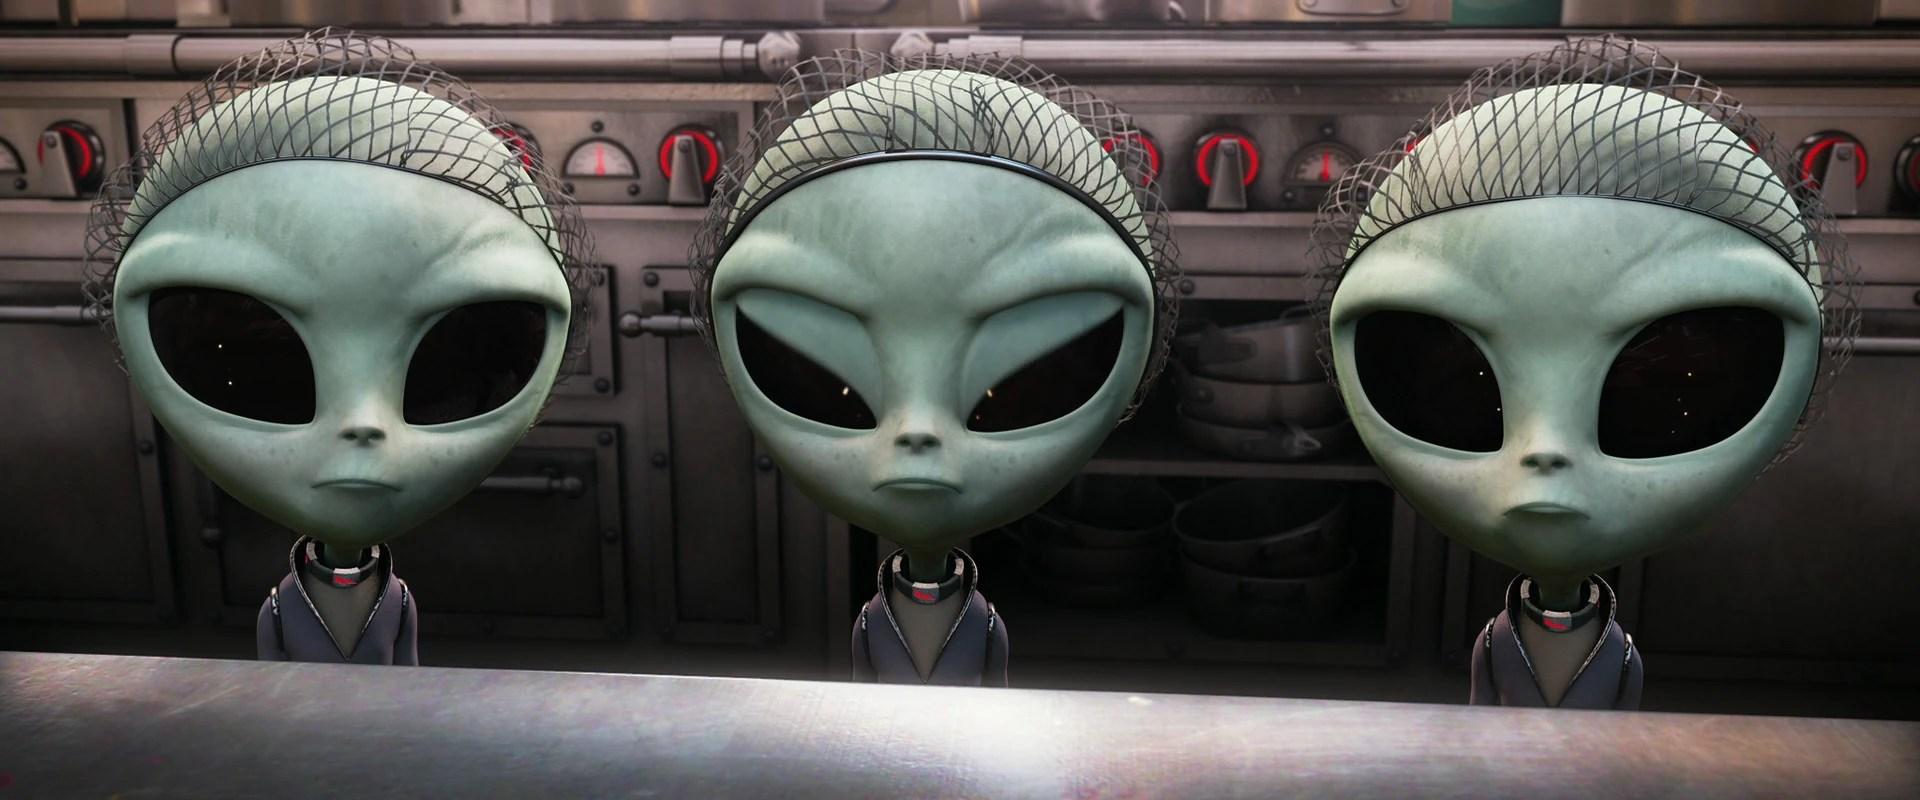 Image EFPE Greys3jpg Alien Wiki FANDOM powered by Wikia